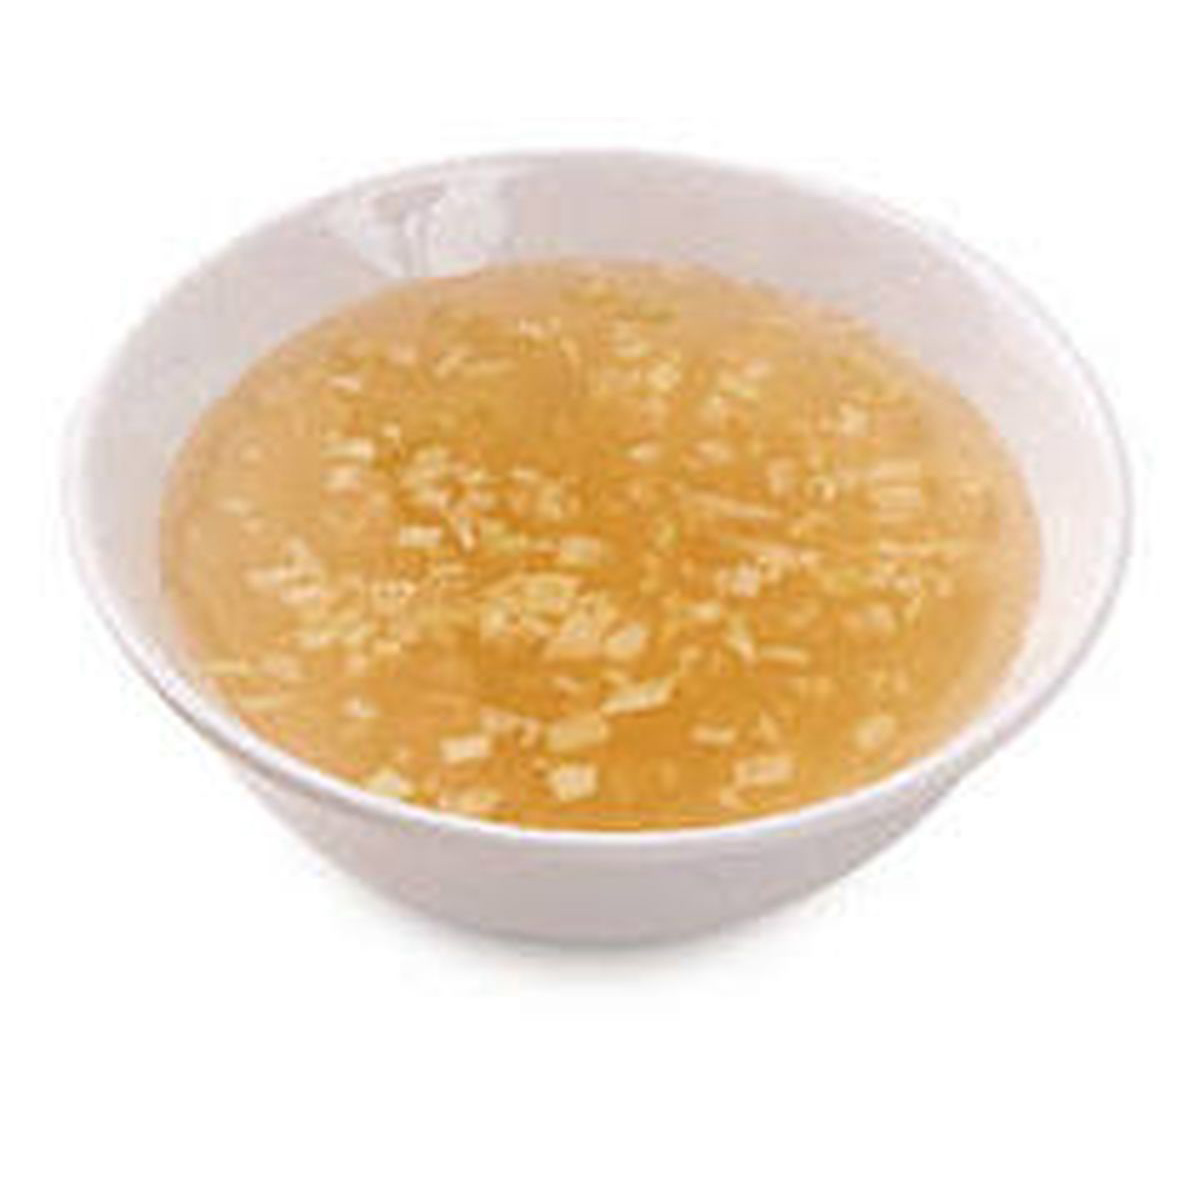 食譜:清蒸螃蟹、沙蝦沾醬